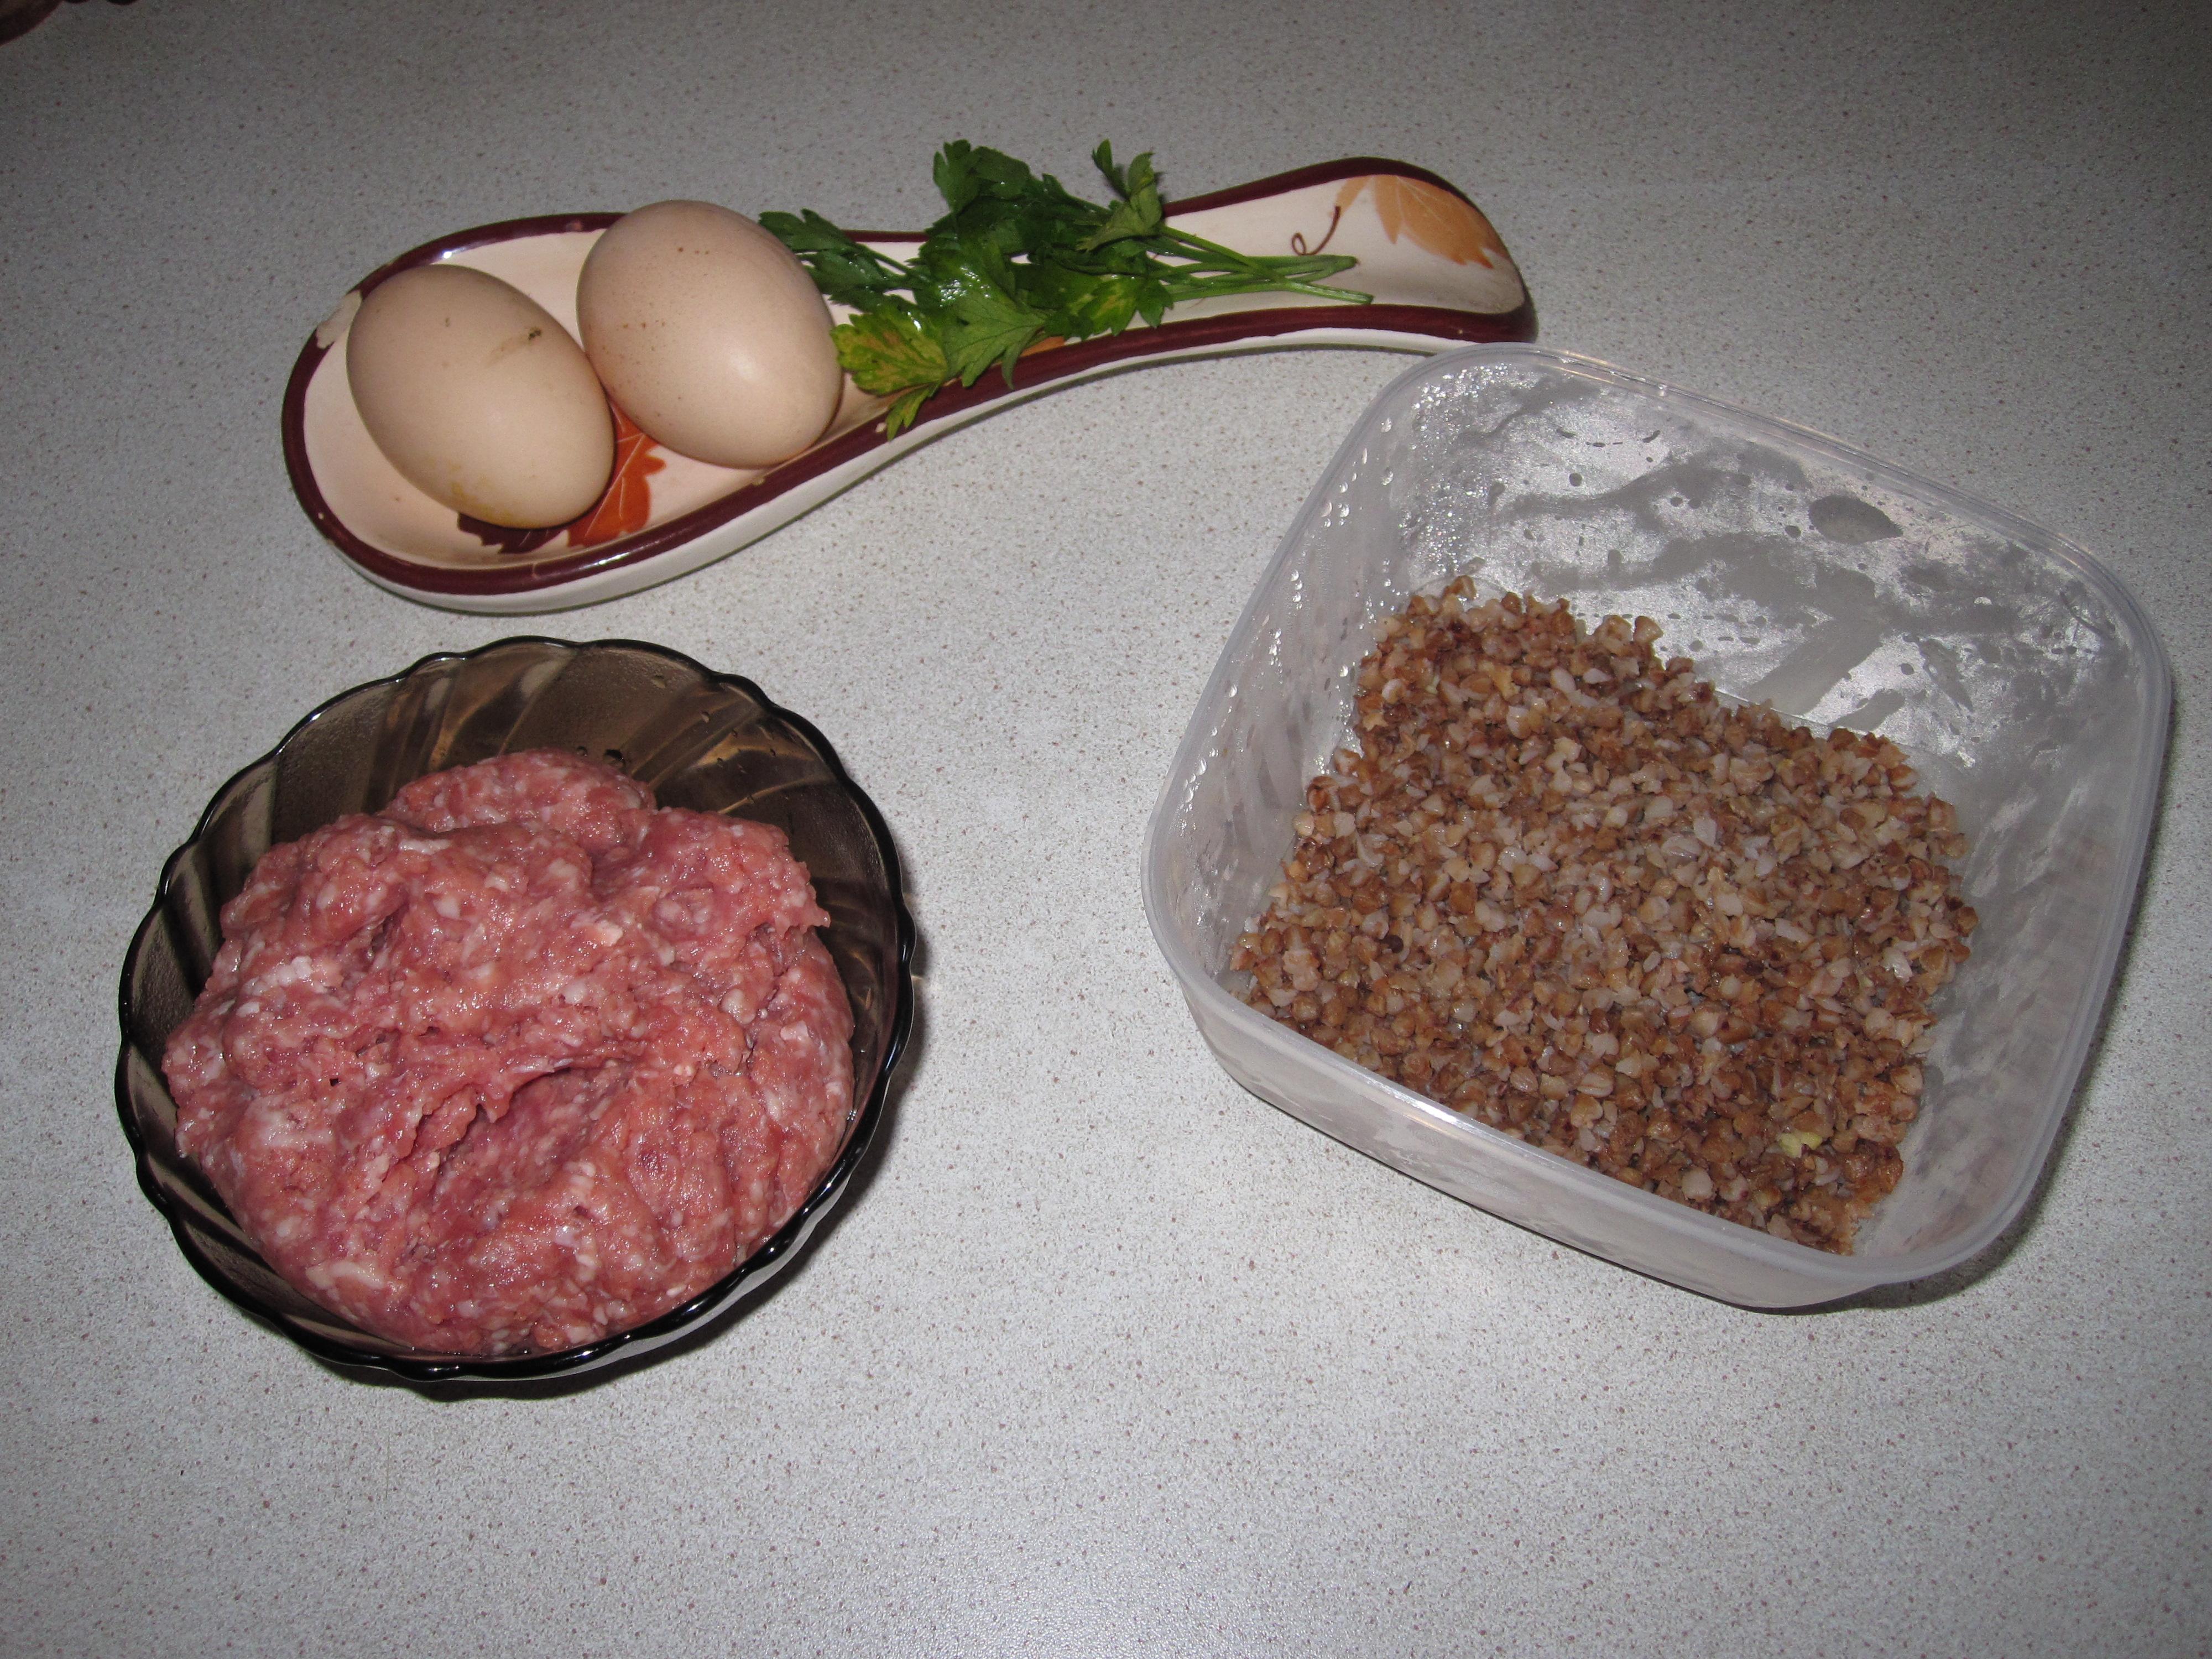 салат с фасолью с огурцом и колбасой рецепт